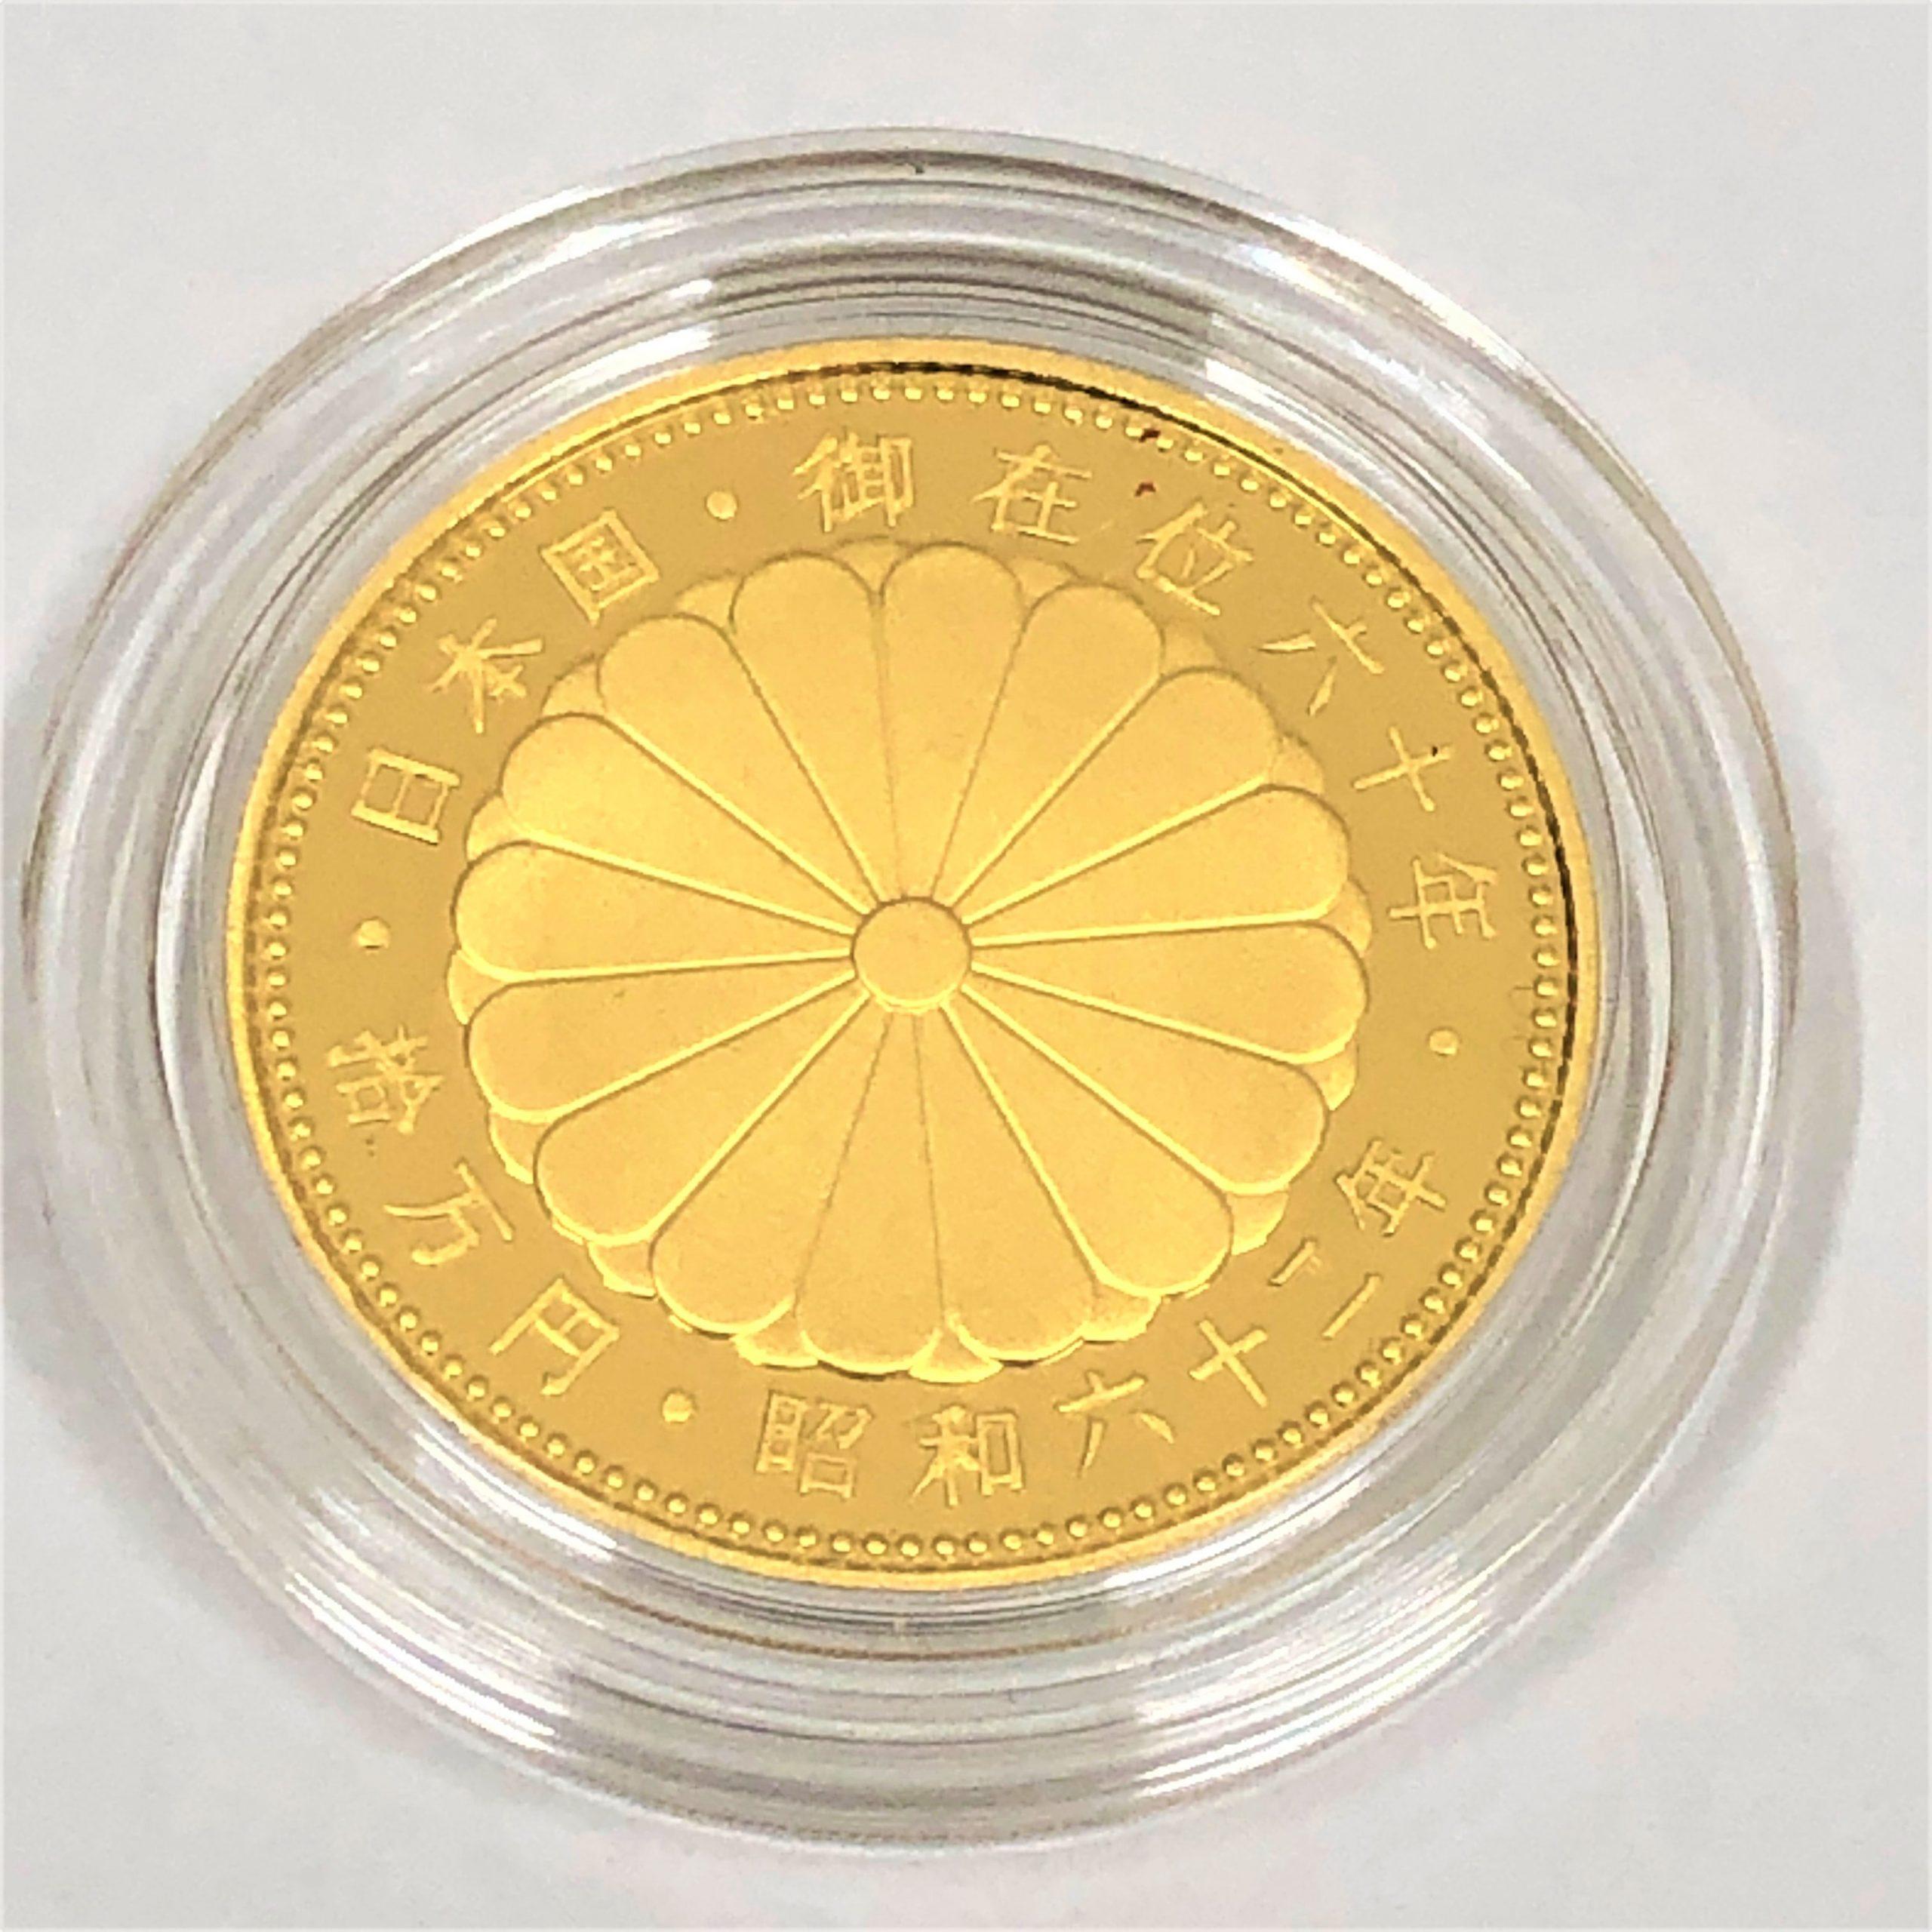 【記念硬貨】天皇陛下御在位六〇年記念10万円硬貨